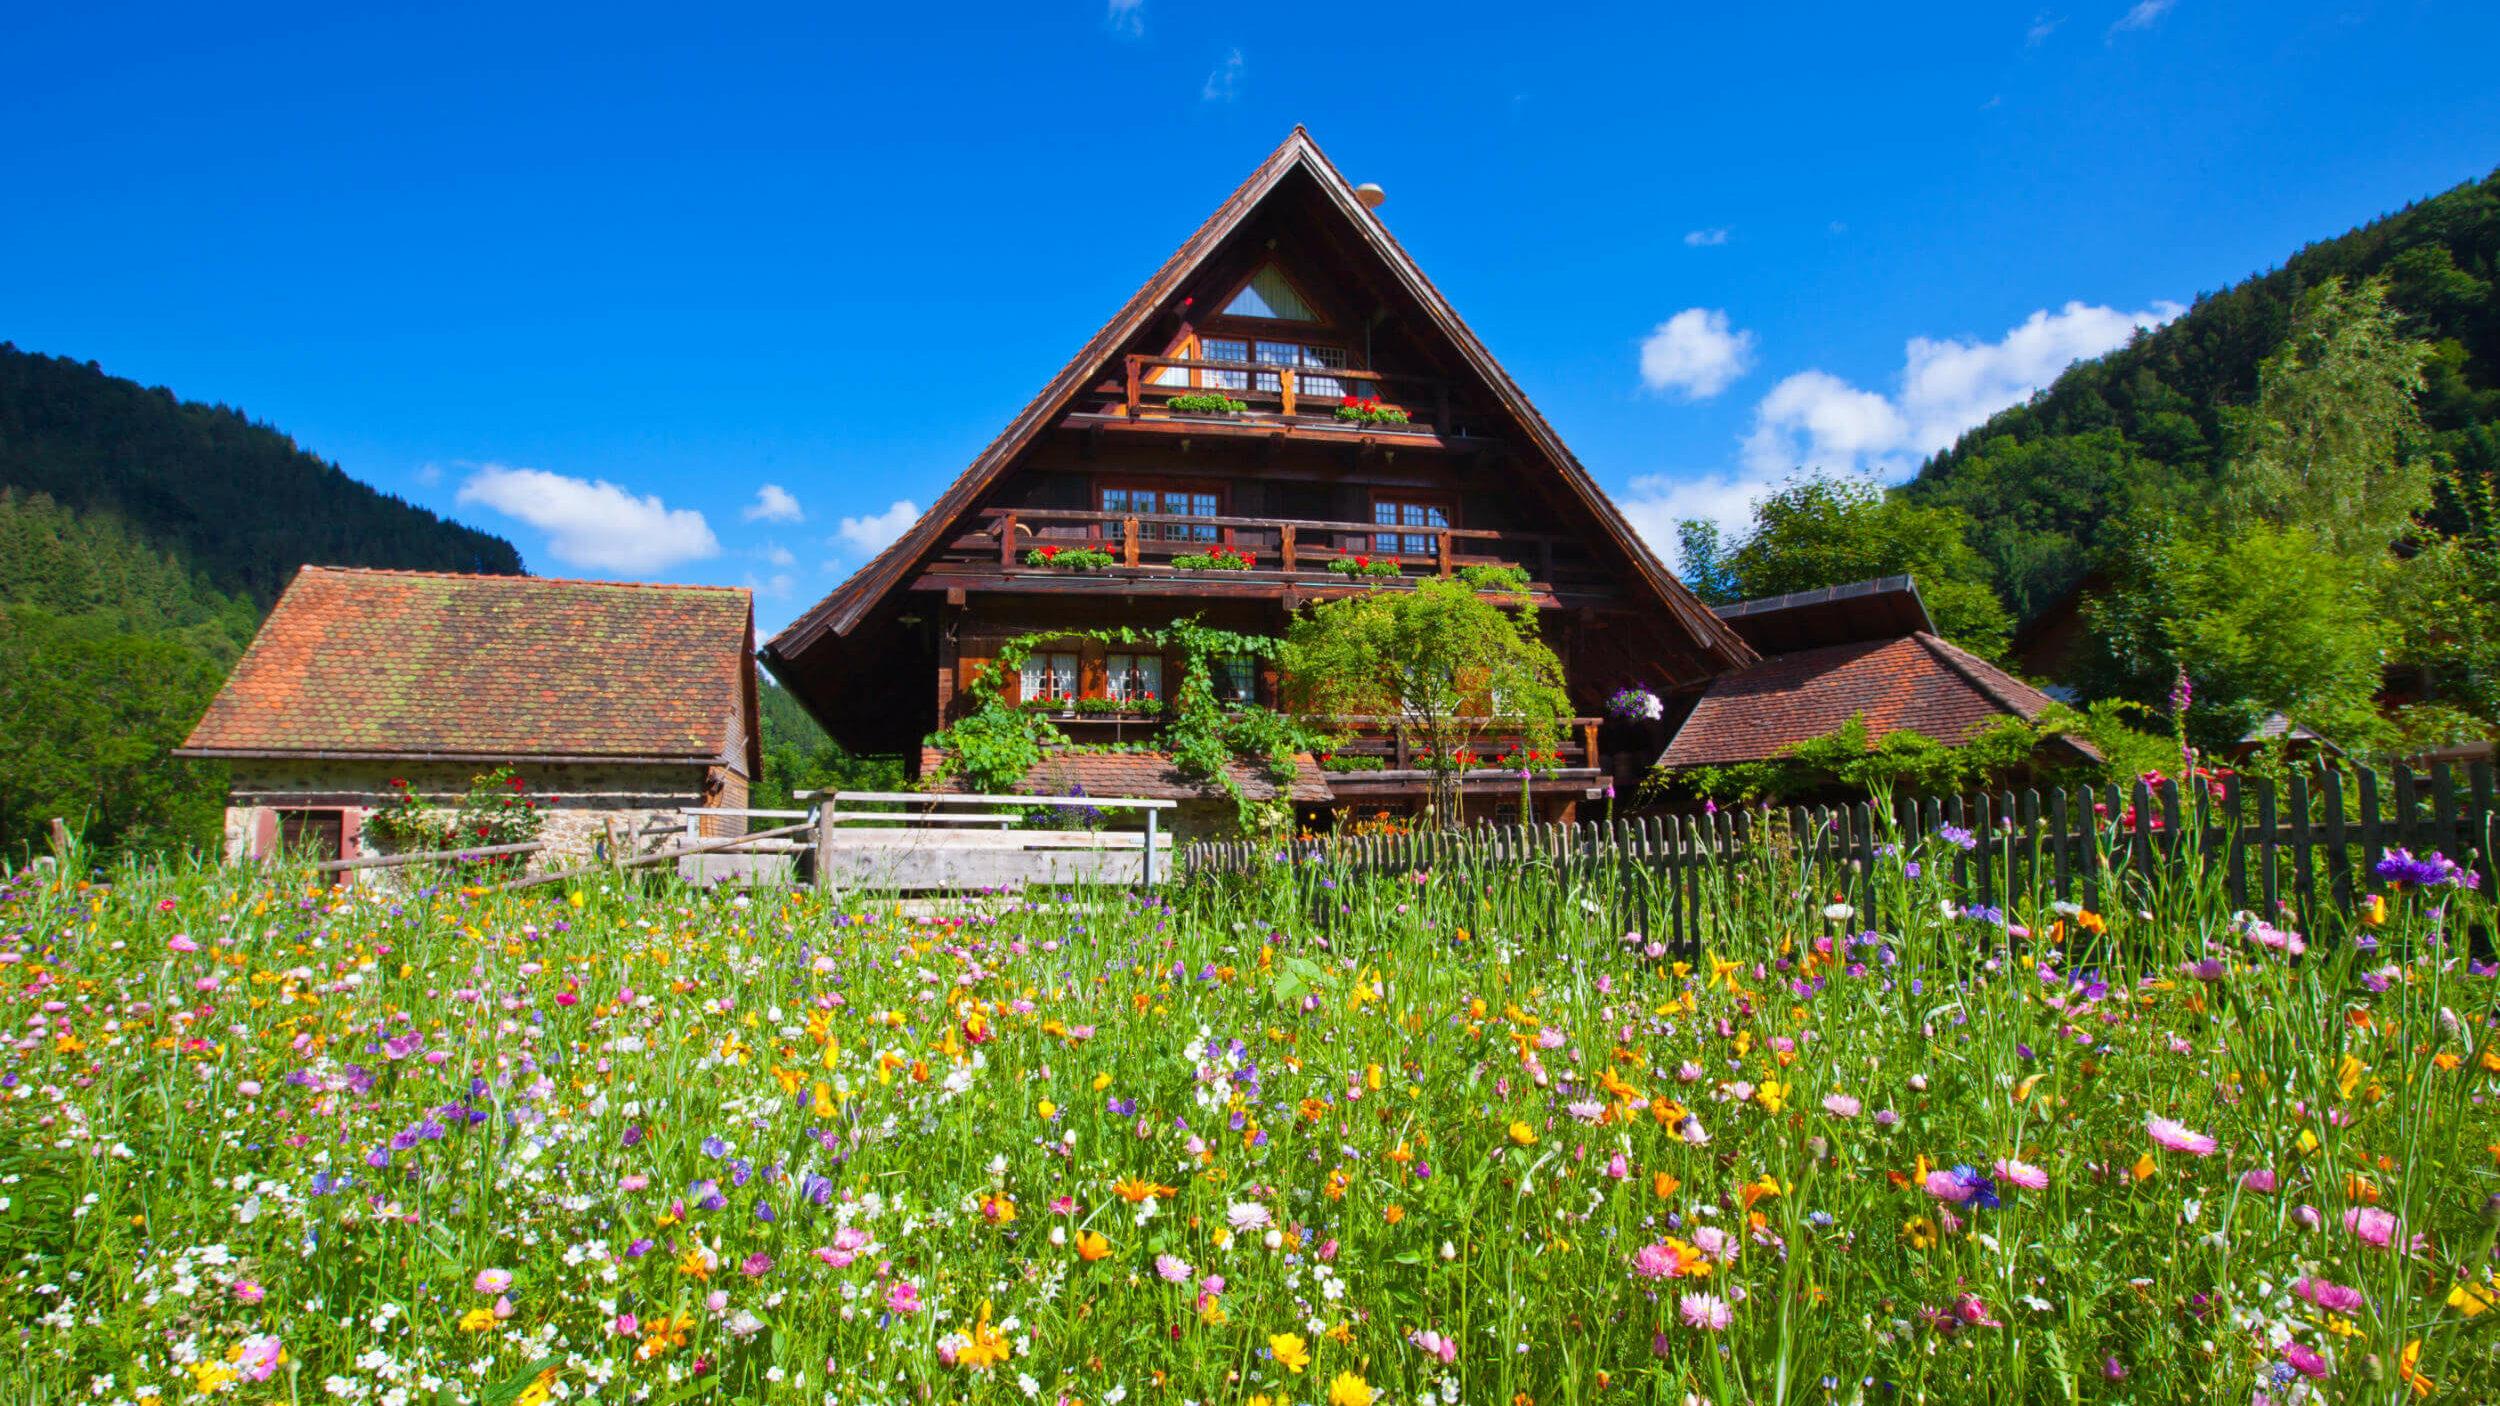 Stubenhof mit bunter Blumenwiese